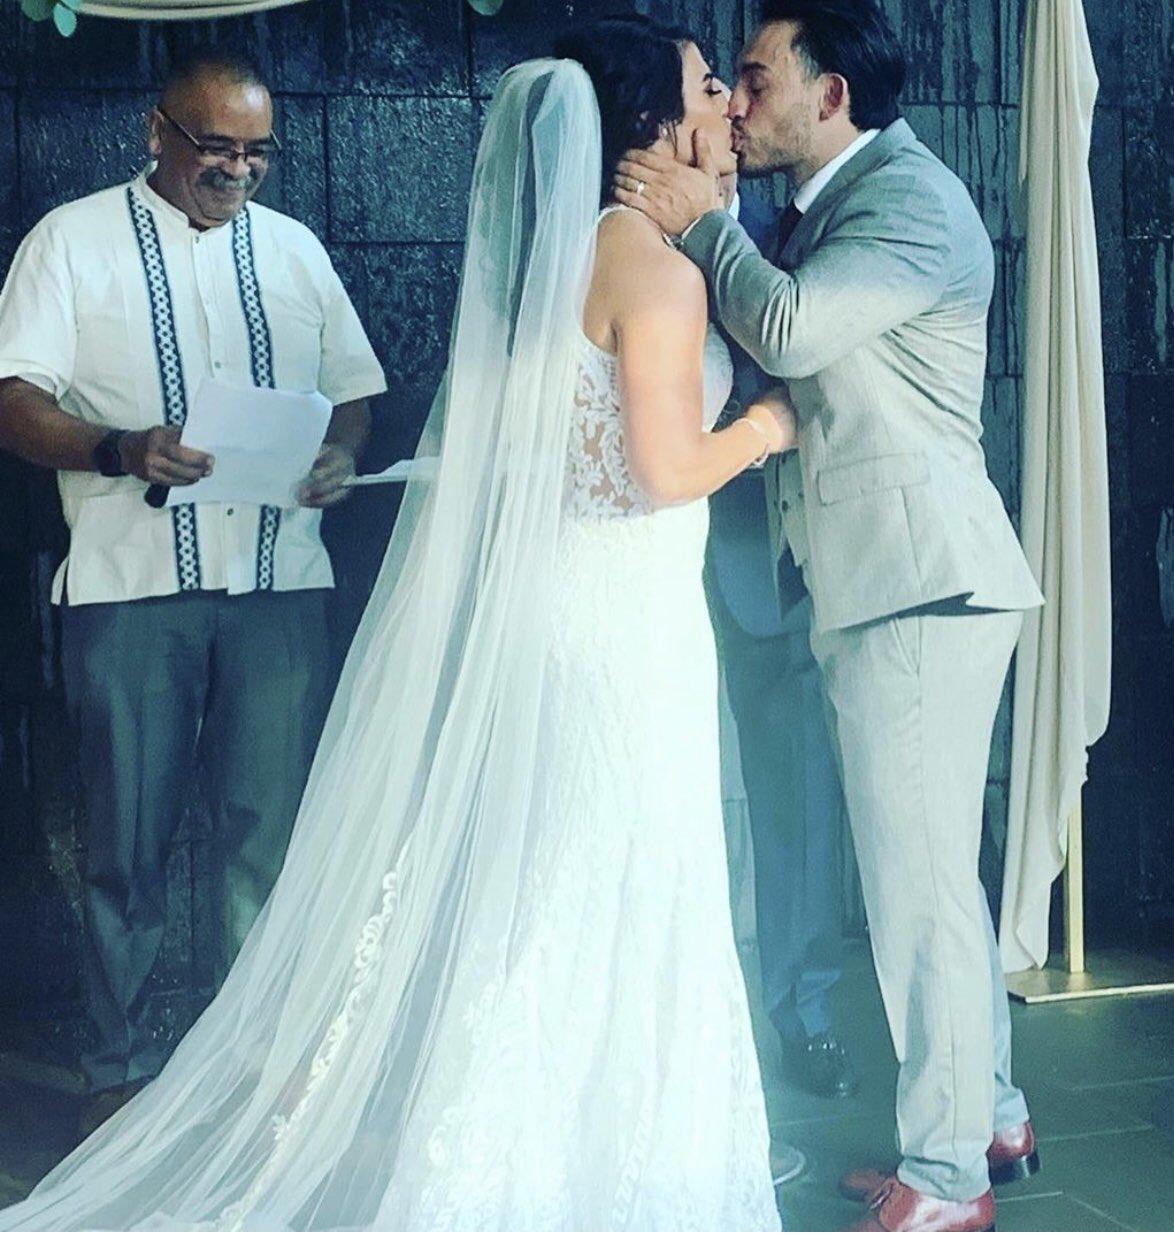 तस्वीरें: अफवाह डब्ल्यूडब्ल्यूई स्टार टेसा ब्लैंचर्ड और बॉयफ्रेंड डागा ने शादी कर ली 4